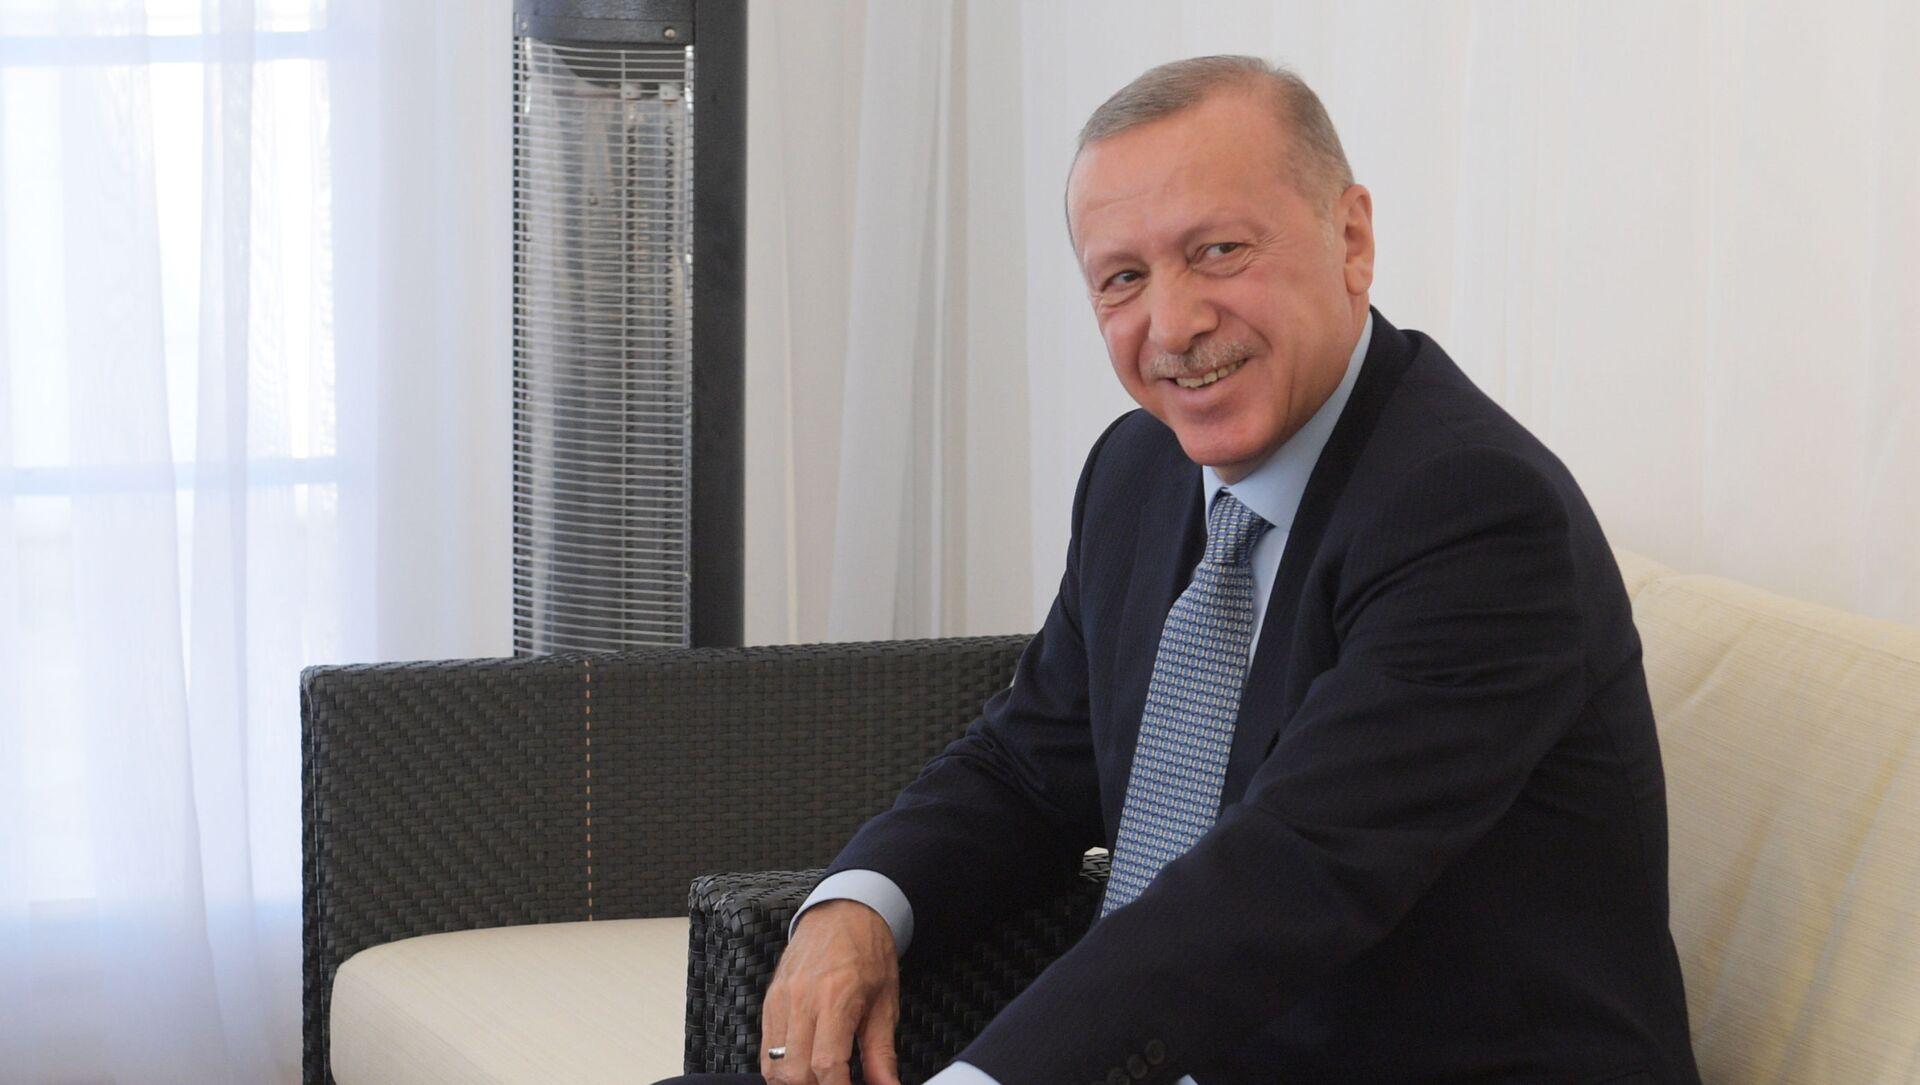 Recep Tayyip Erdogan, el presidente turco - Sputnik Mundo, 1920, 10.02.2021